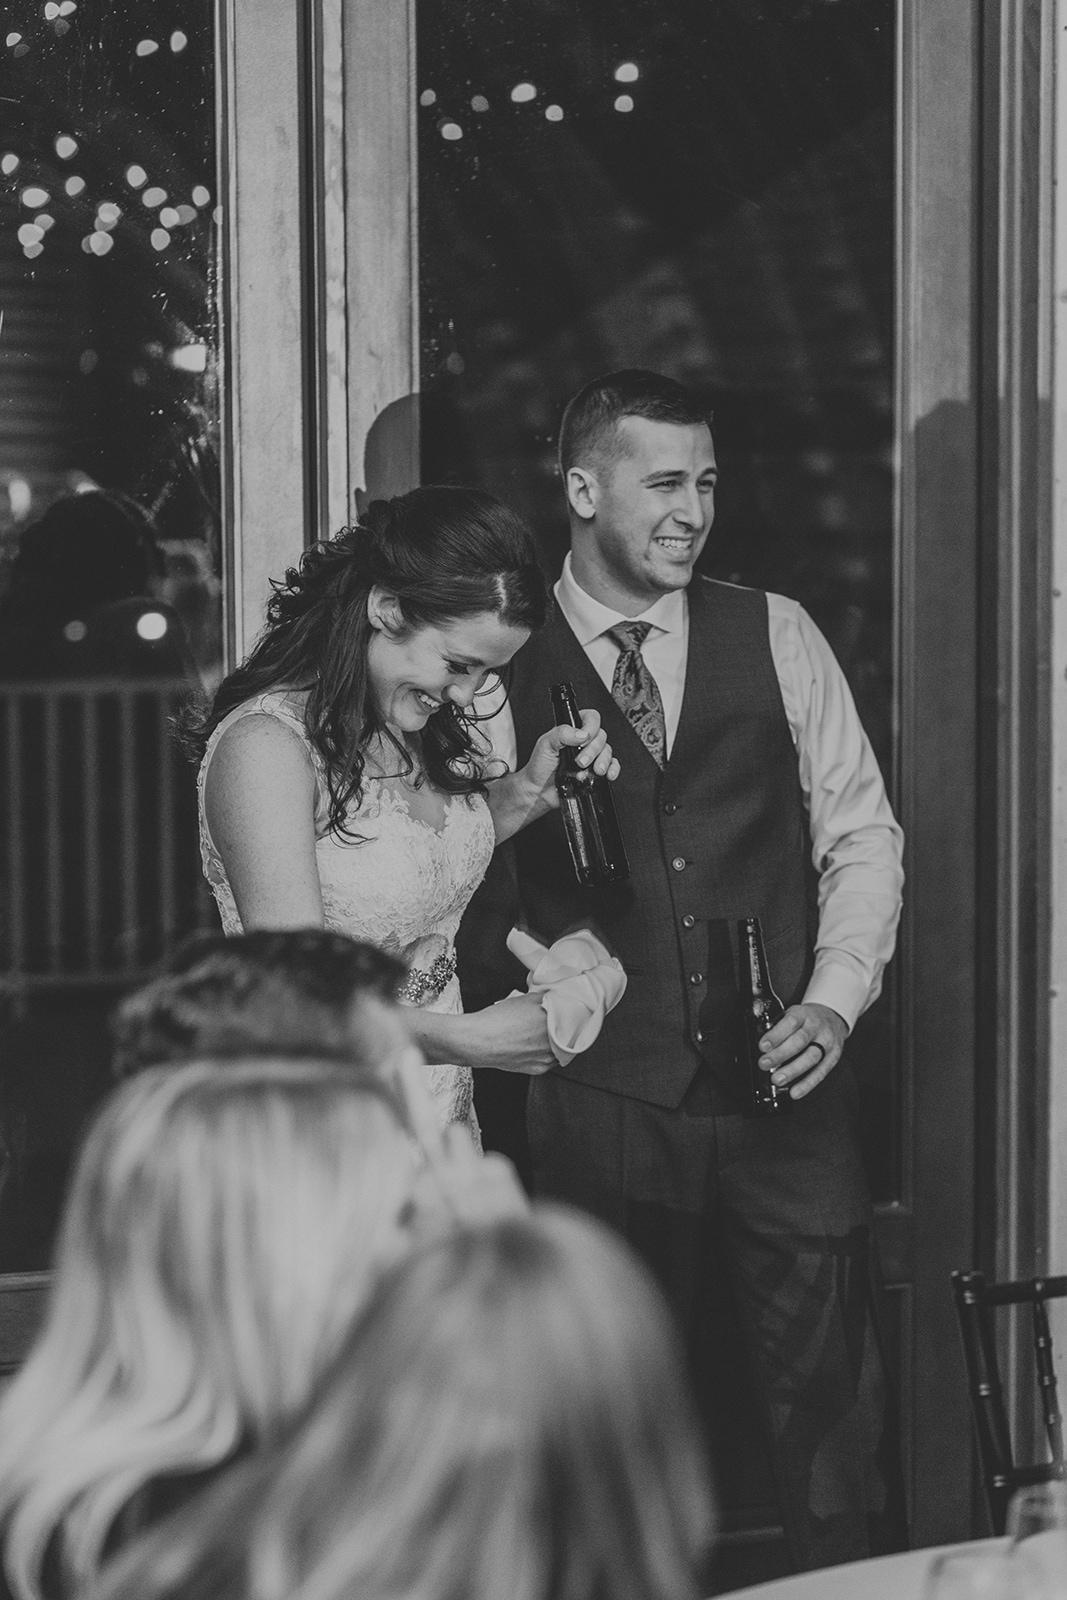 brielle-davis-events-48-fields-wedding-0433.jpg